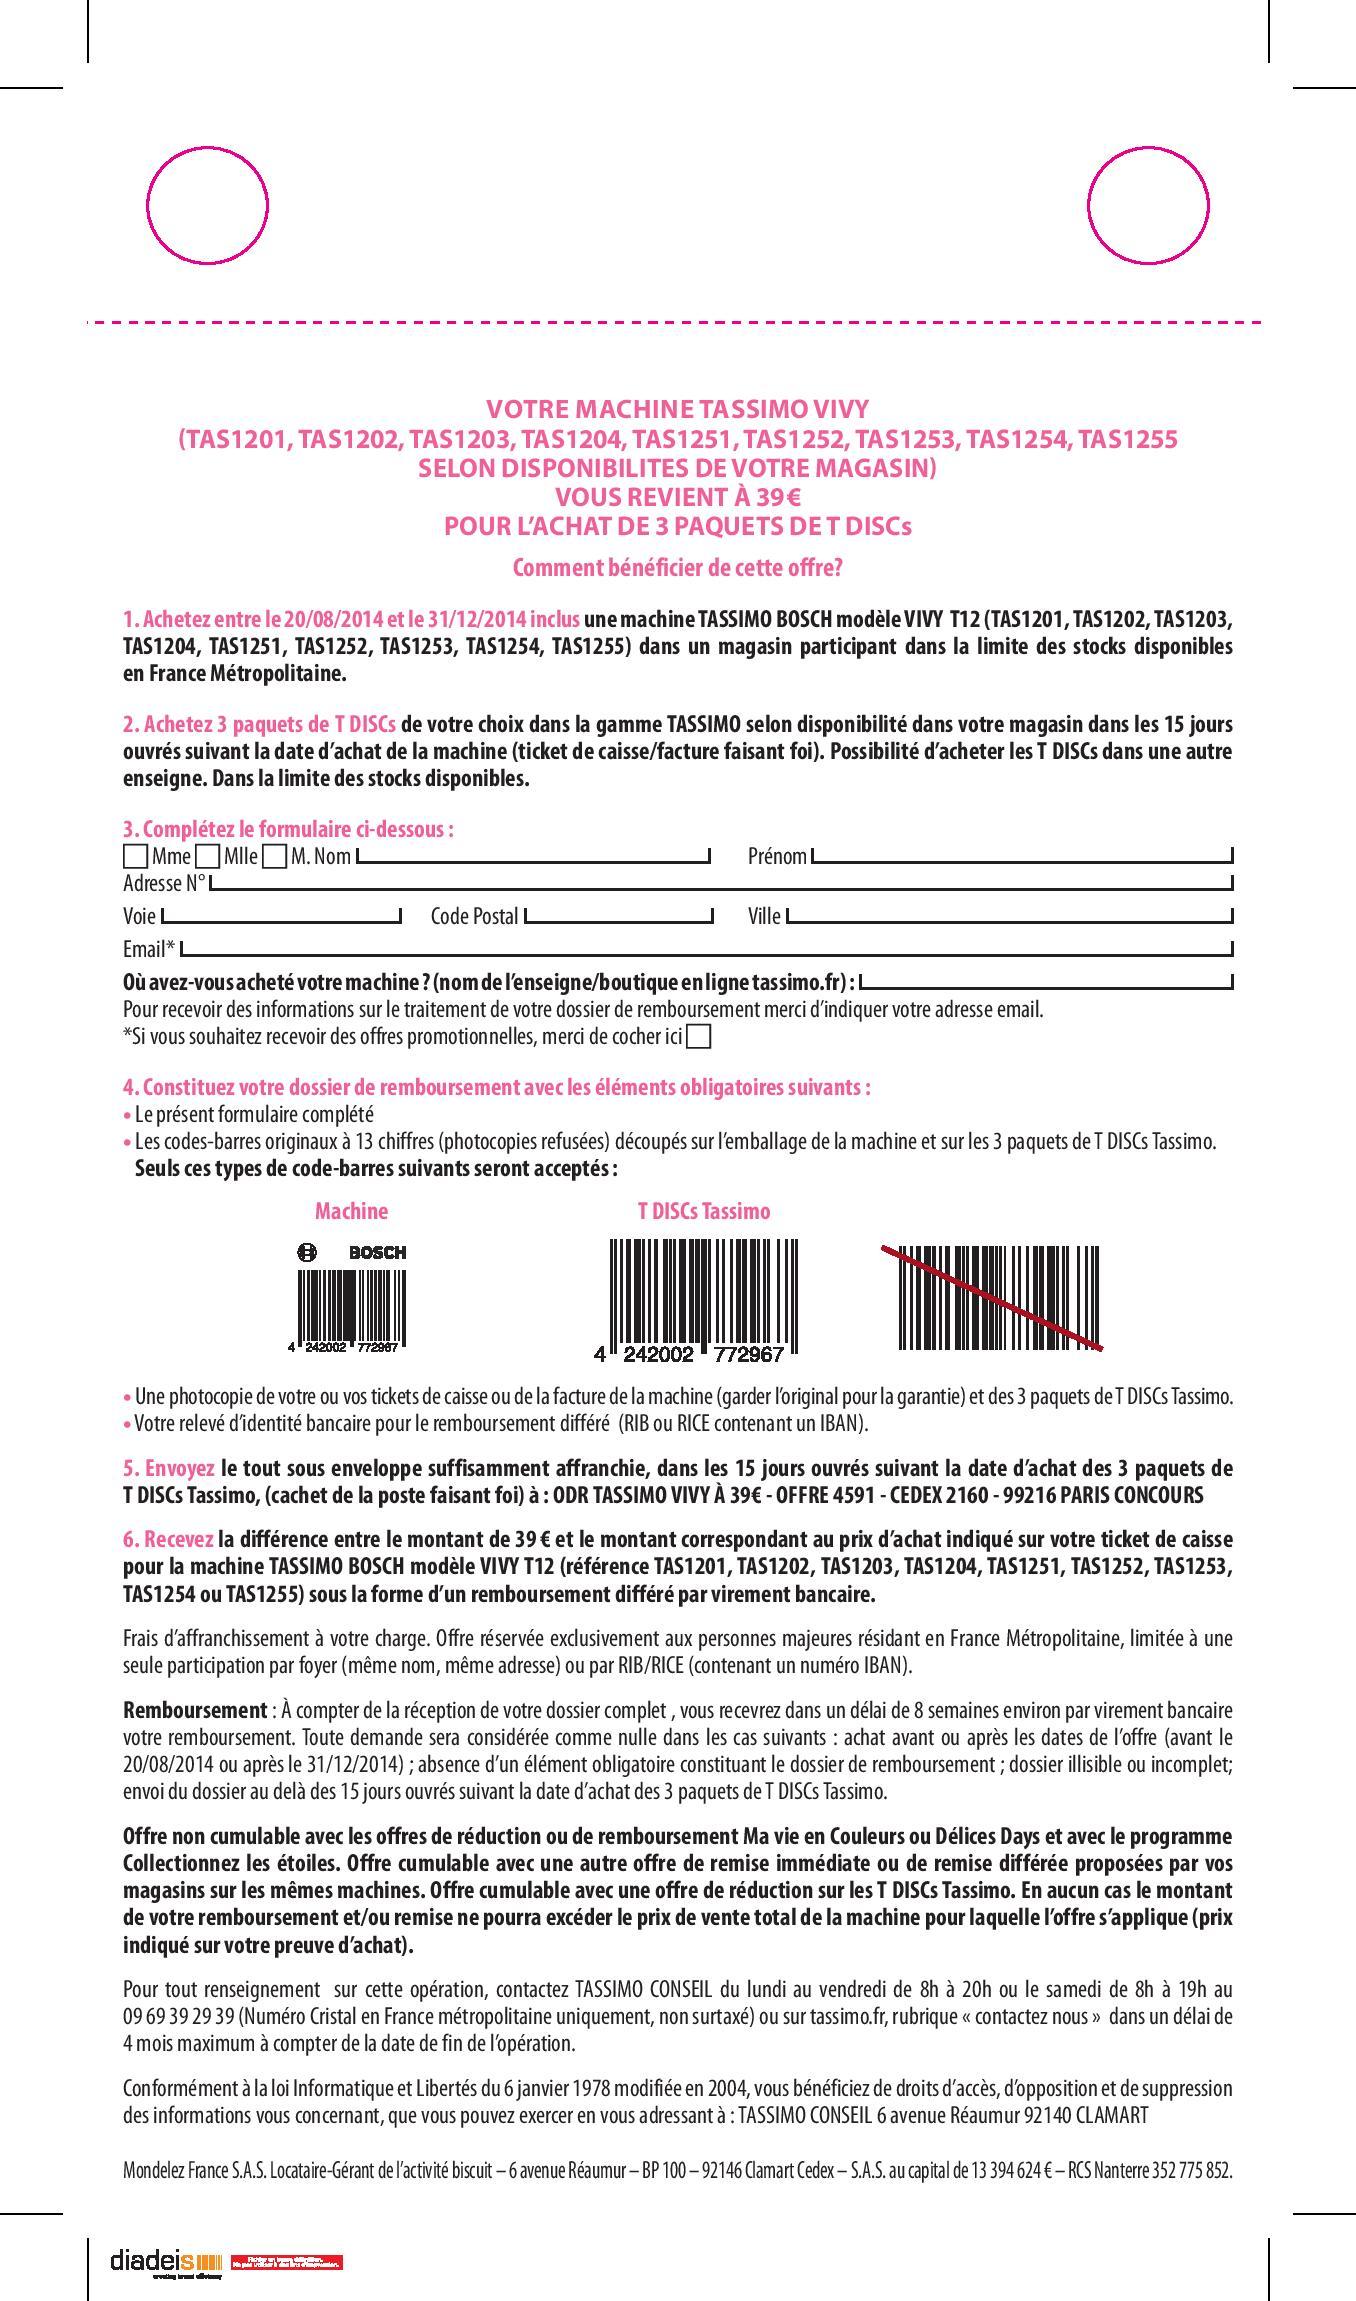 odr offre de remboursement tassimo vivy bosch-page-002